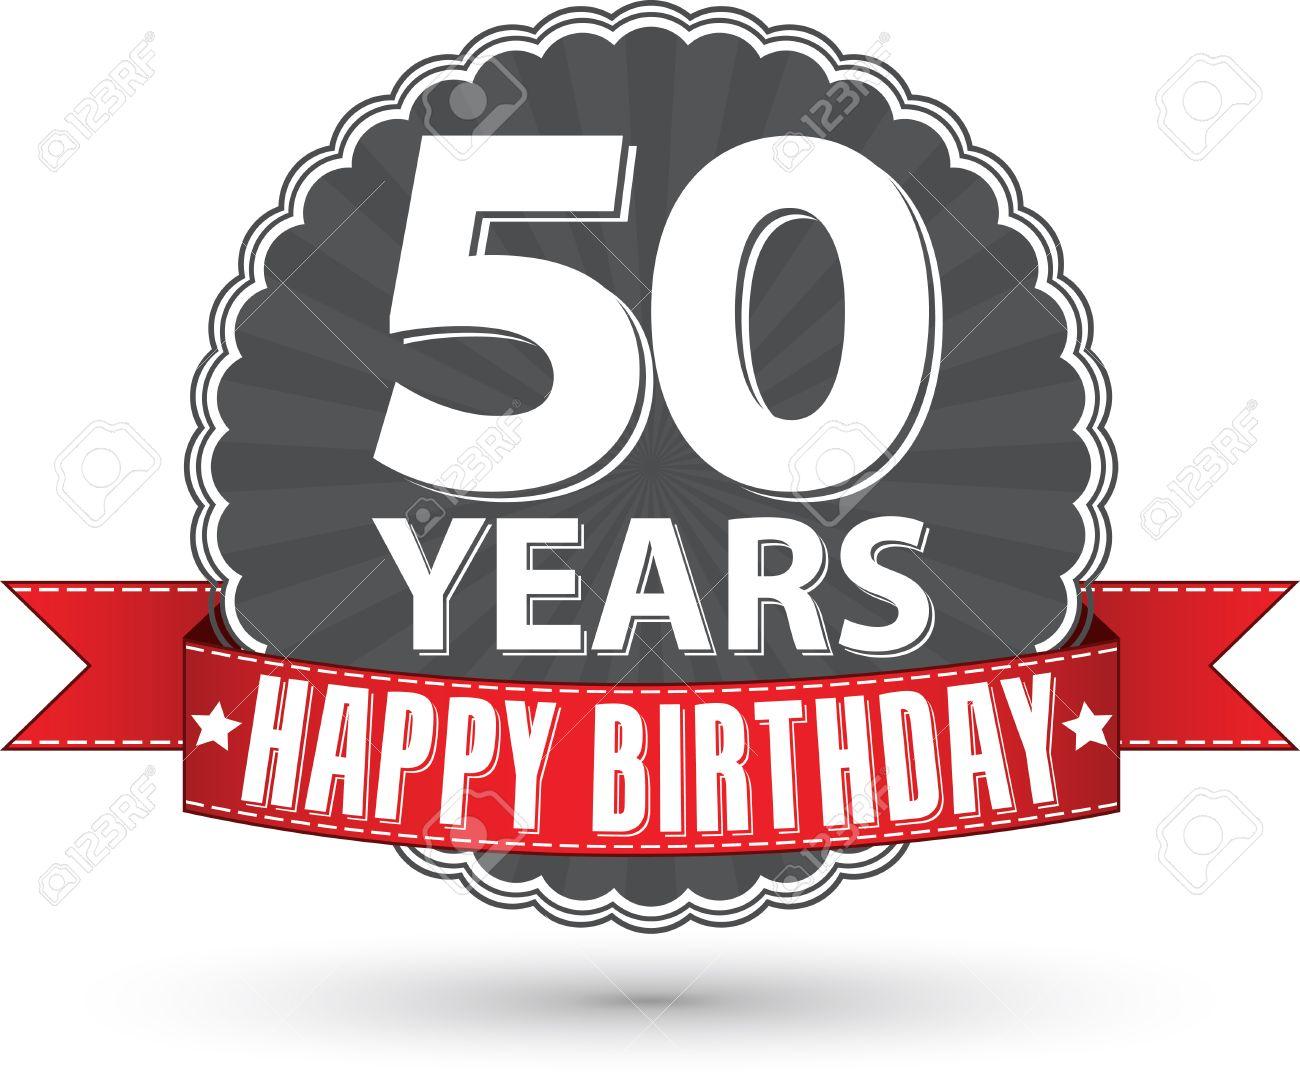 abbastanza Buon Compleanno 50 Anni Etichetta Retrò Con Nastro Rosso Clipart  IK02